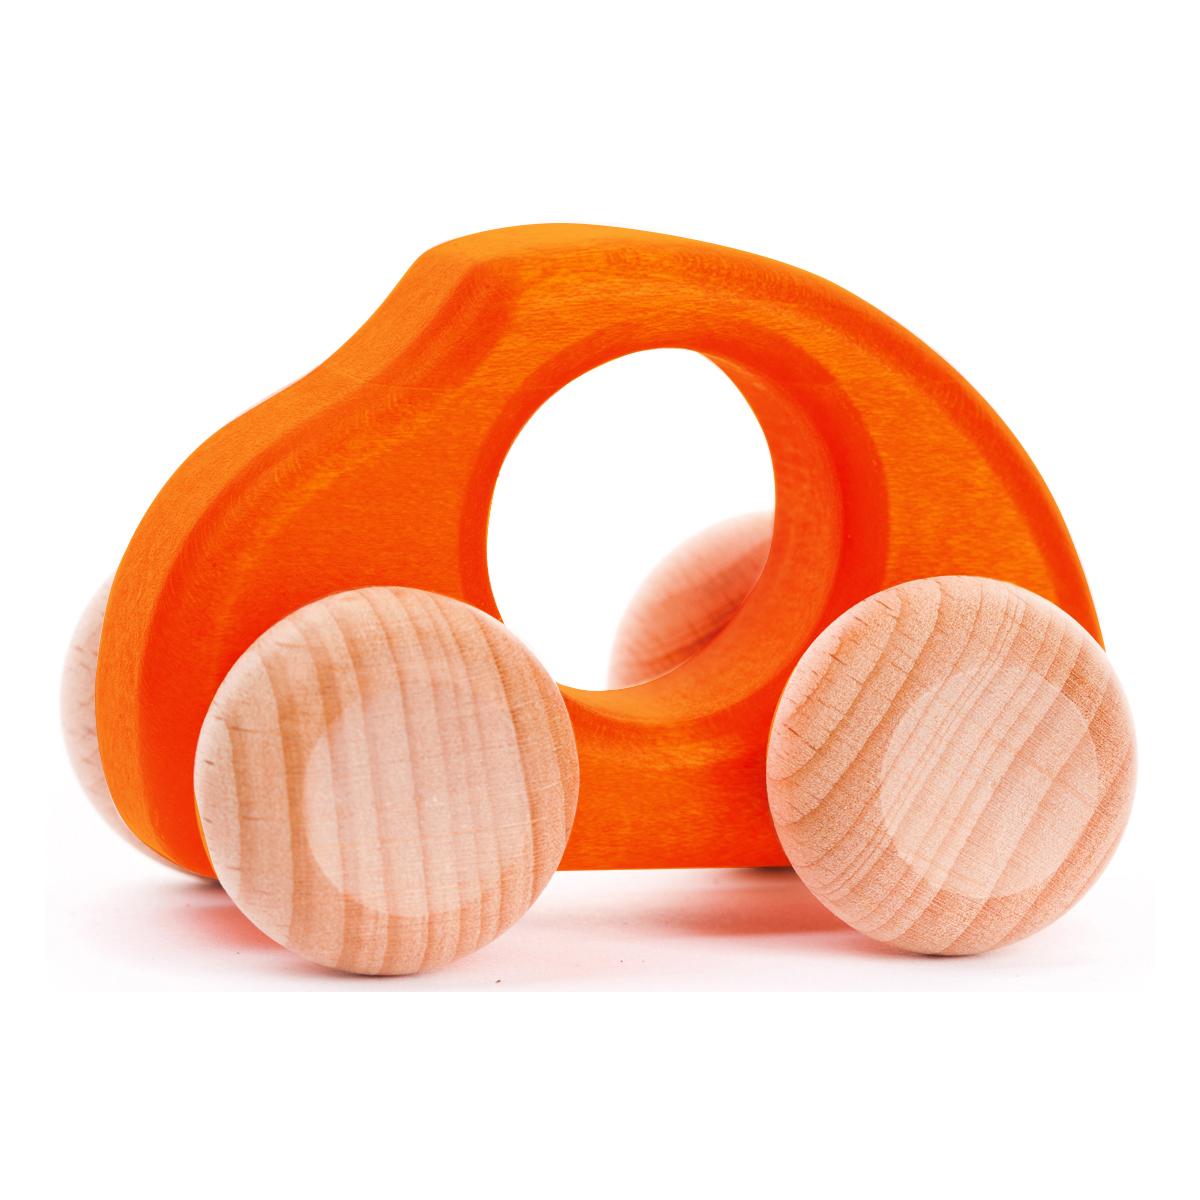 木のビートル(オレンジ)